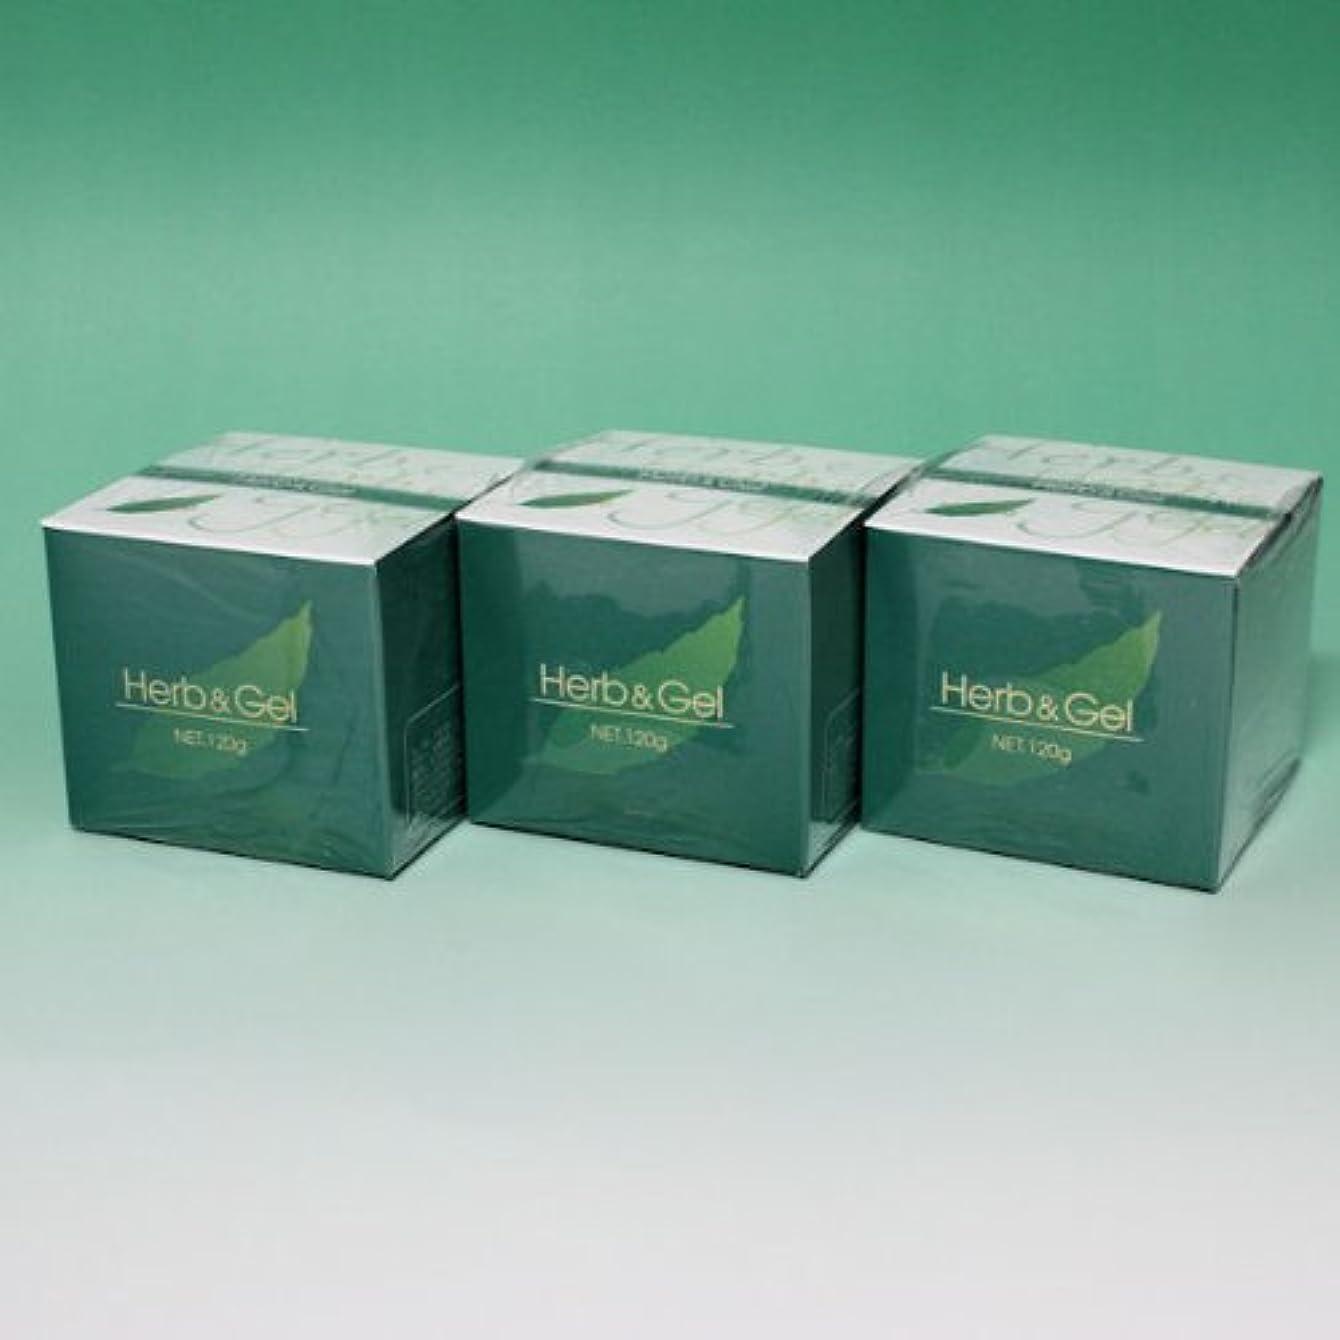 テレビを見る腐敗宣伝ハーブアンドゲル 天然ハーブエキス配合 120g×3瓶セット (4580109490026)